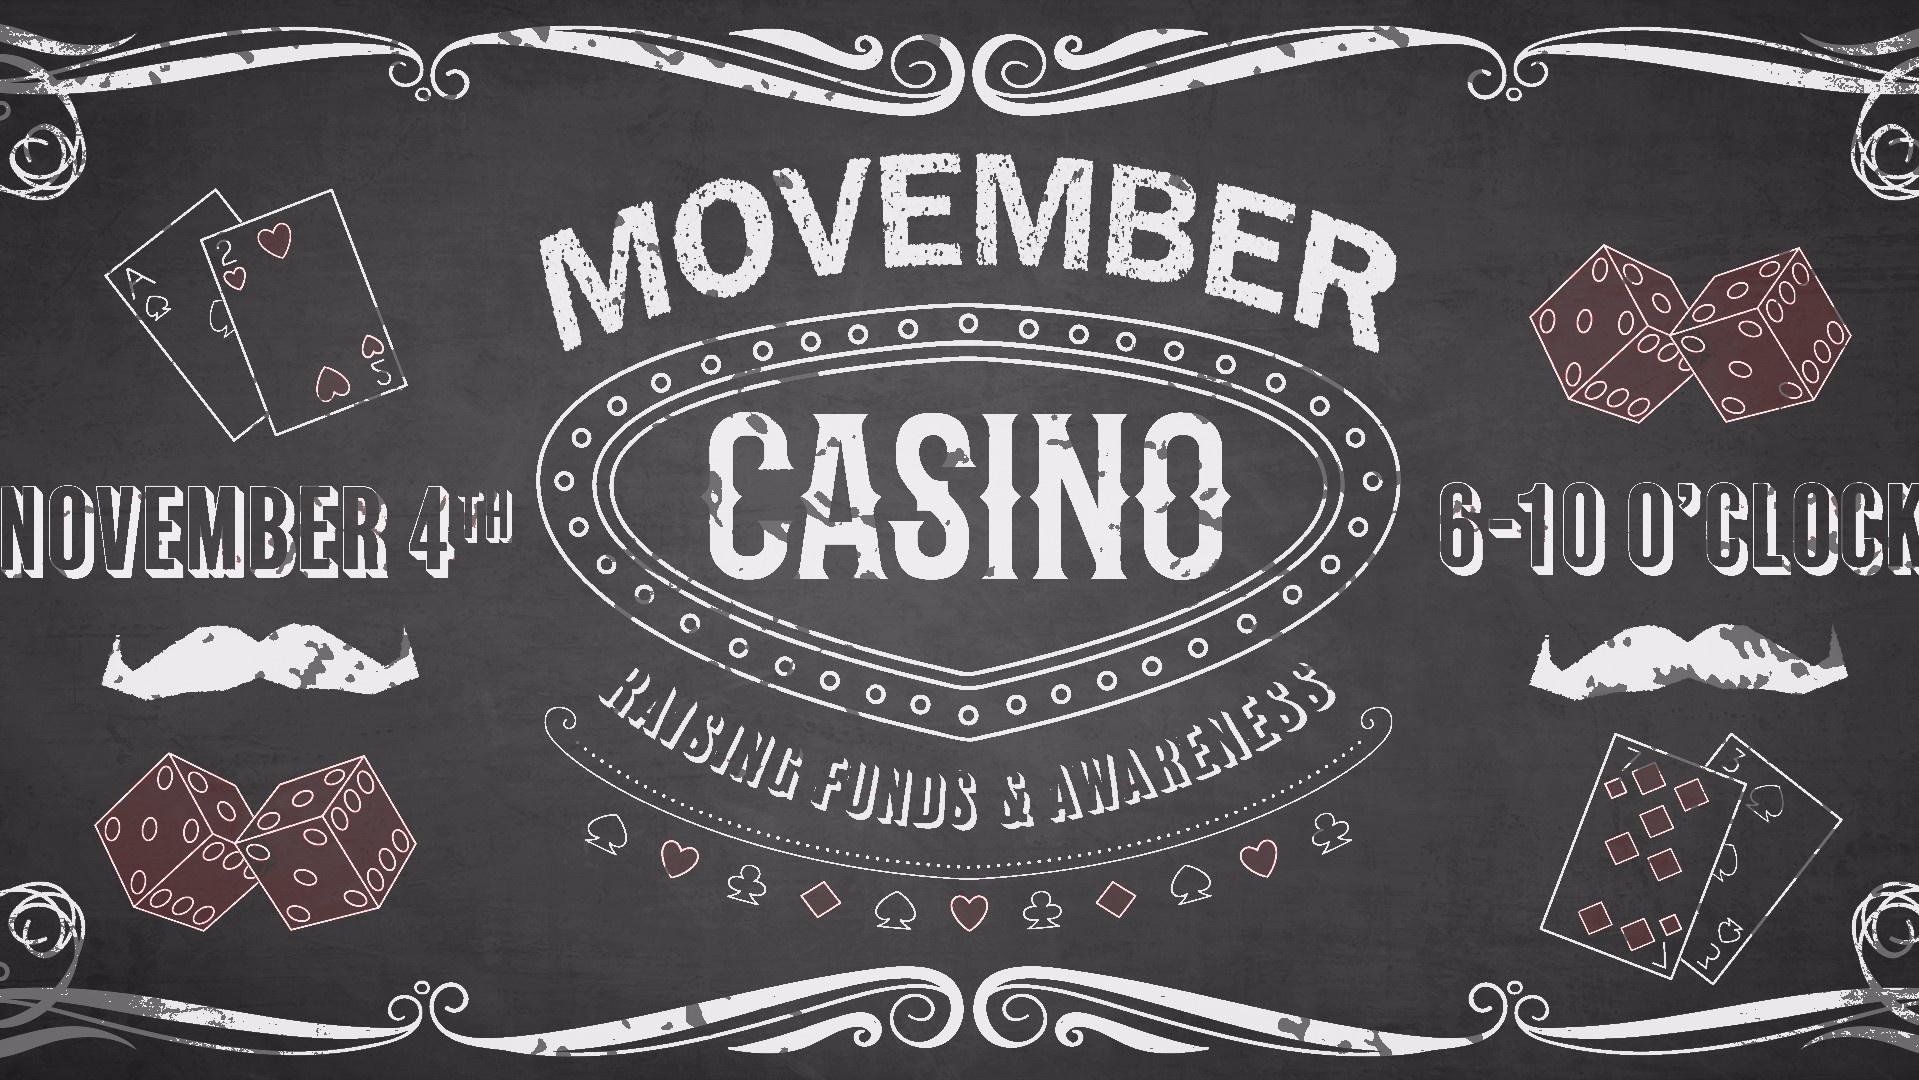 movember casino